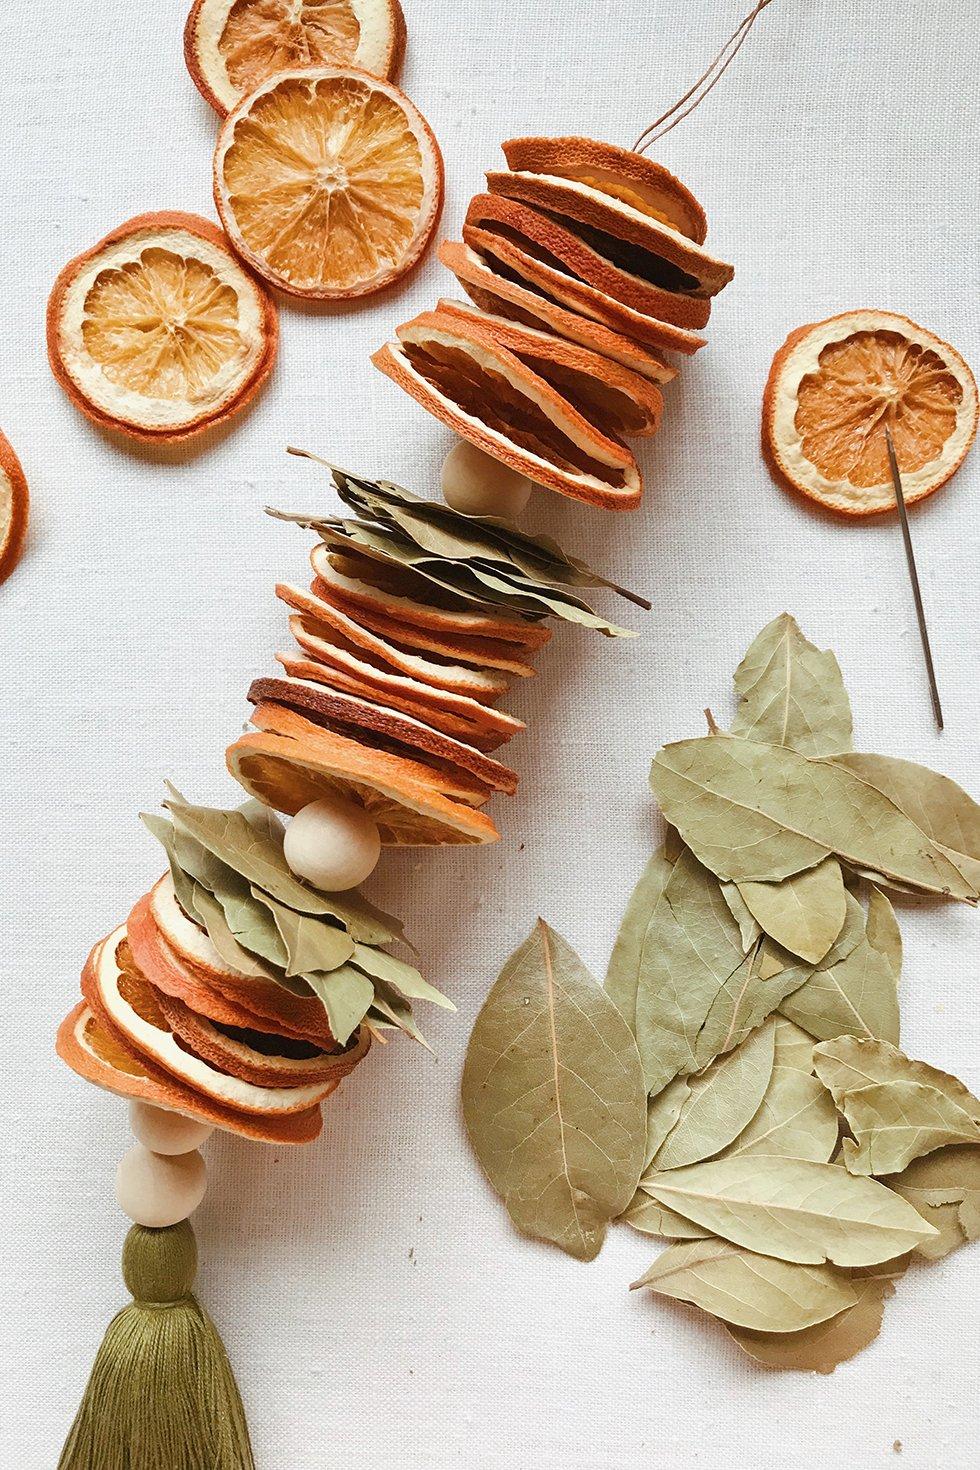 paso a paso para hacer una guirnalda natural con frutas secas